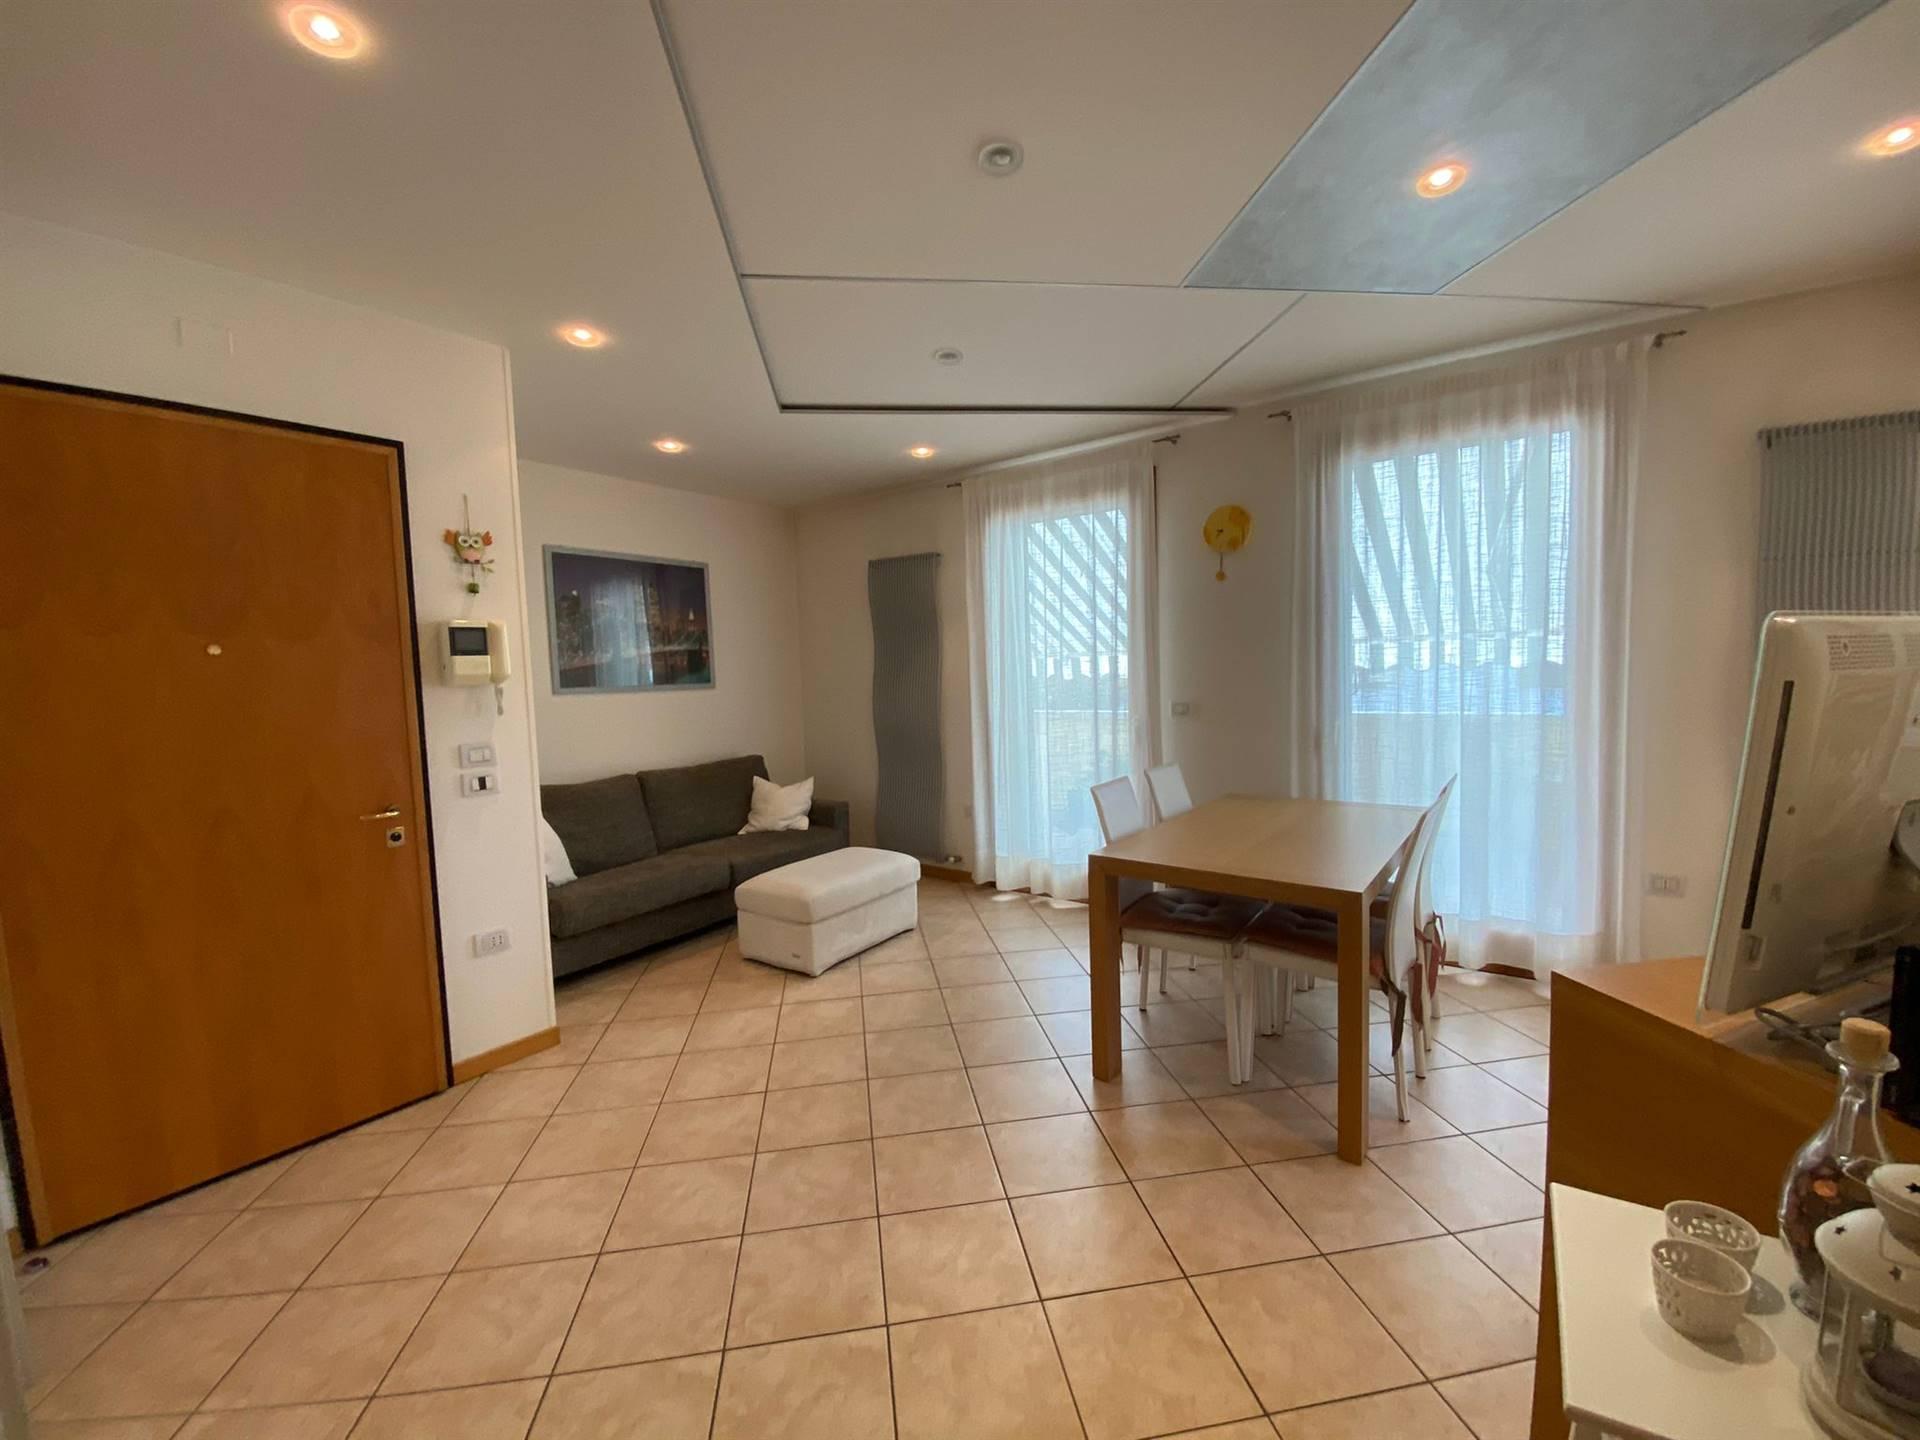 Appartamento in vendita a Martellago, 4 locali, prezzo € 179.000 | PortaleAgenzieImmobiliari.it